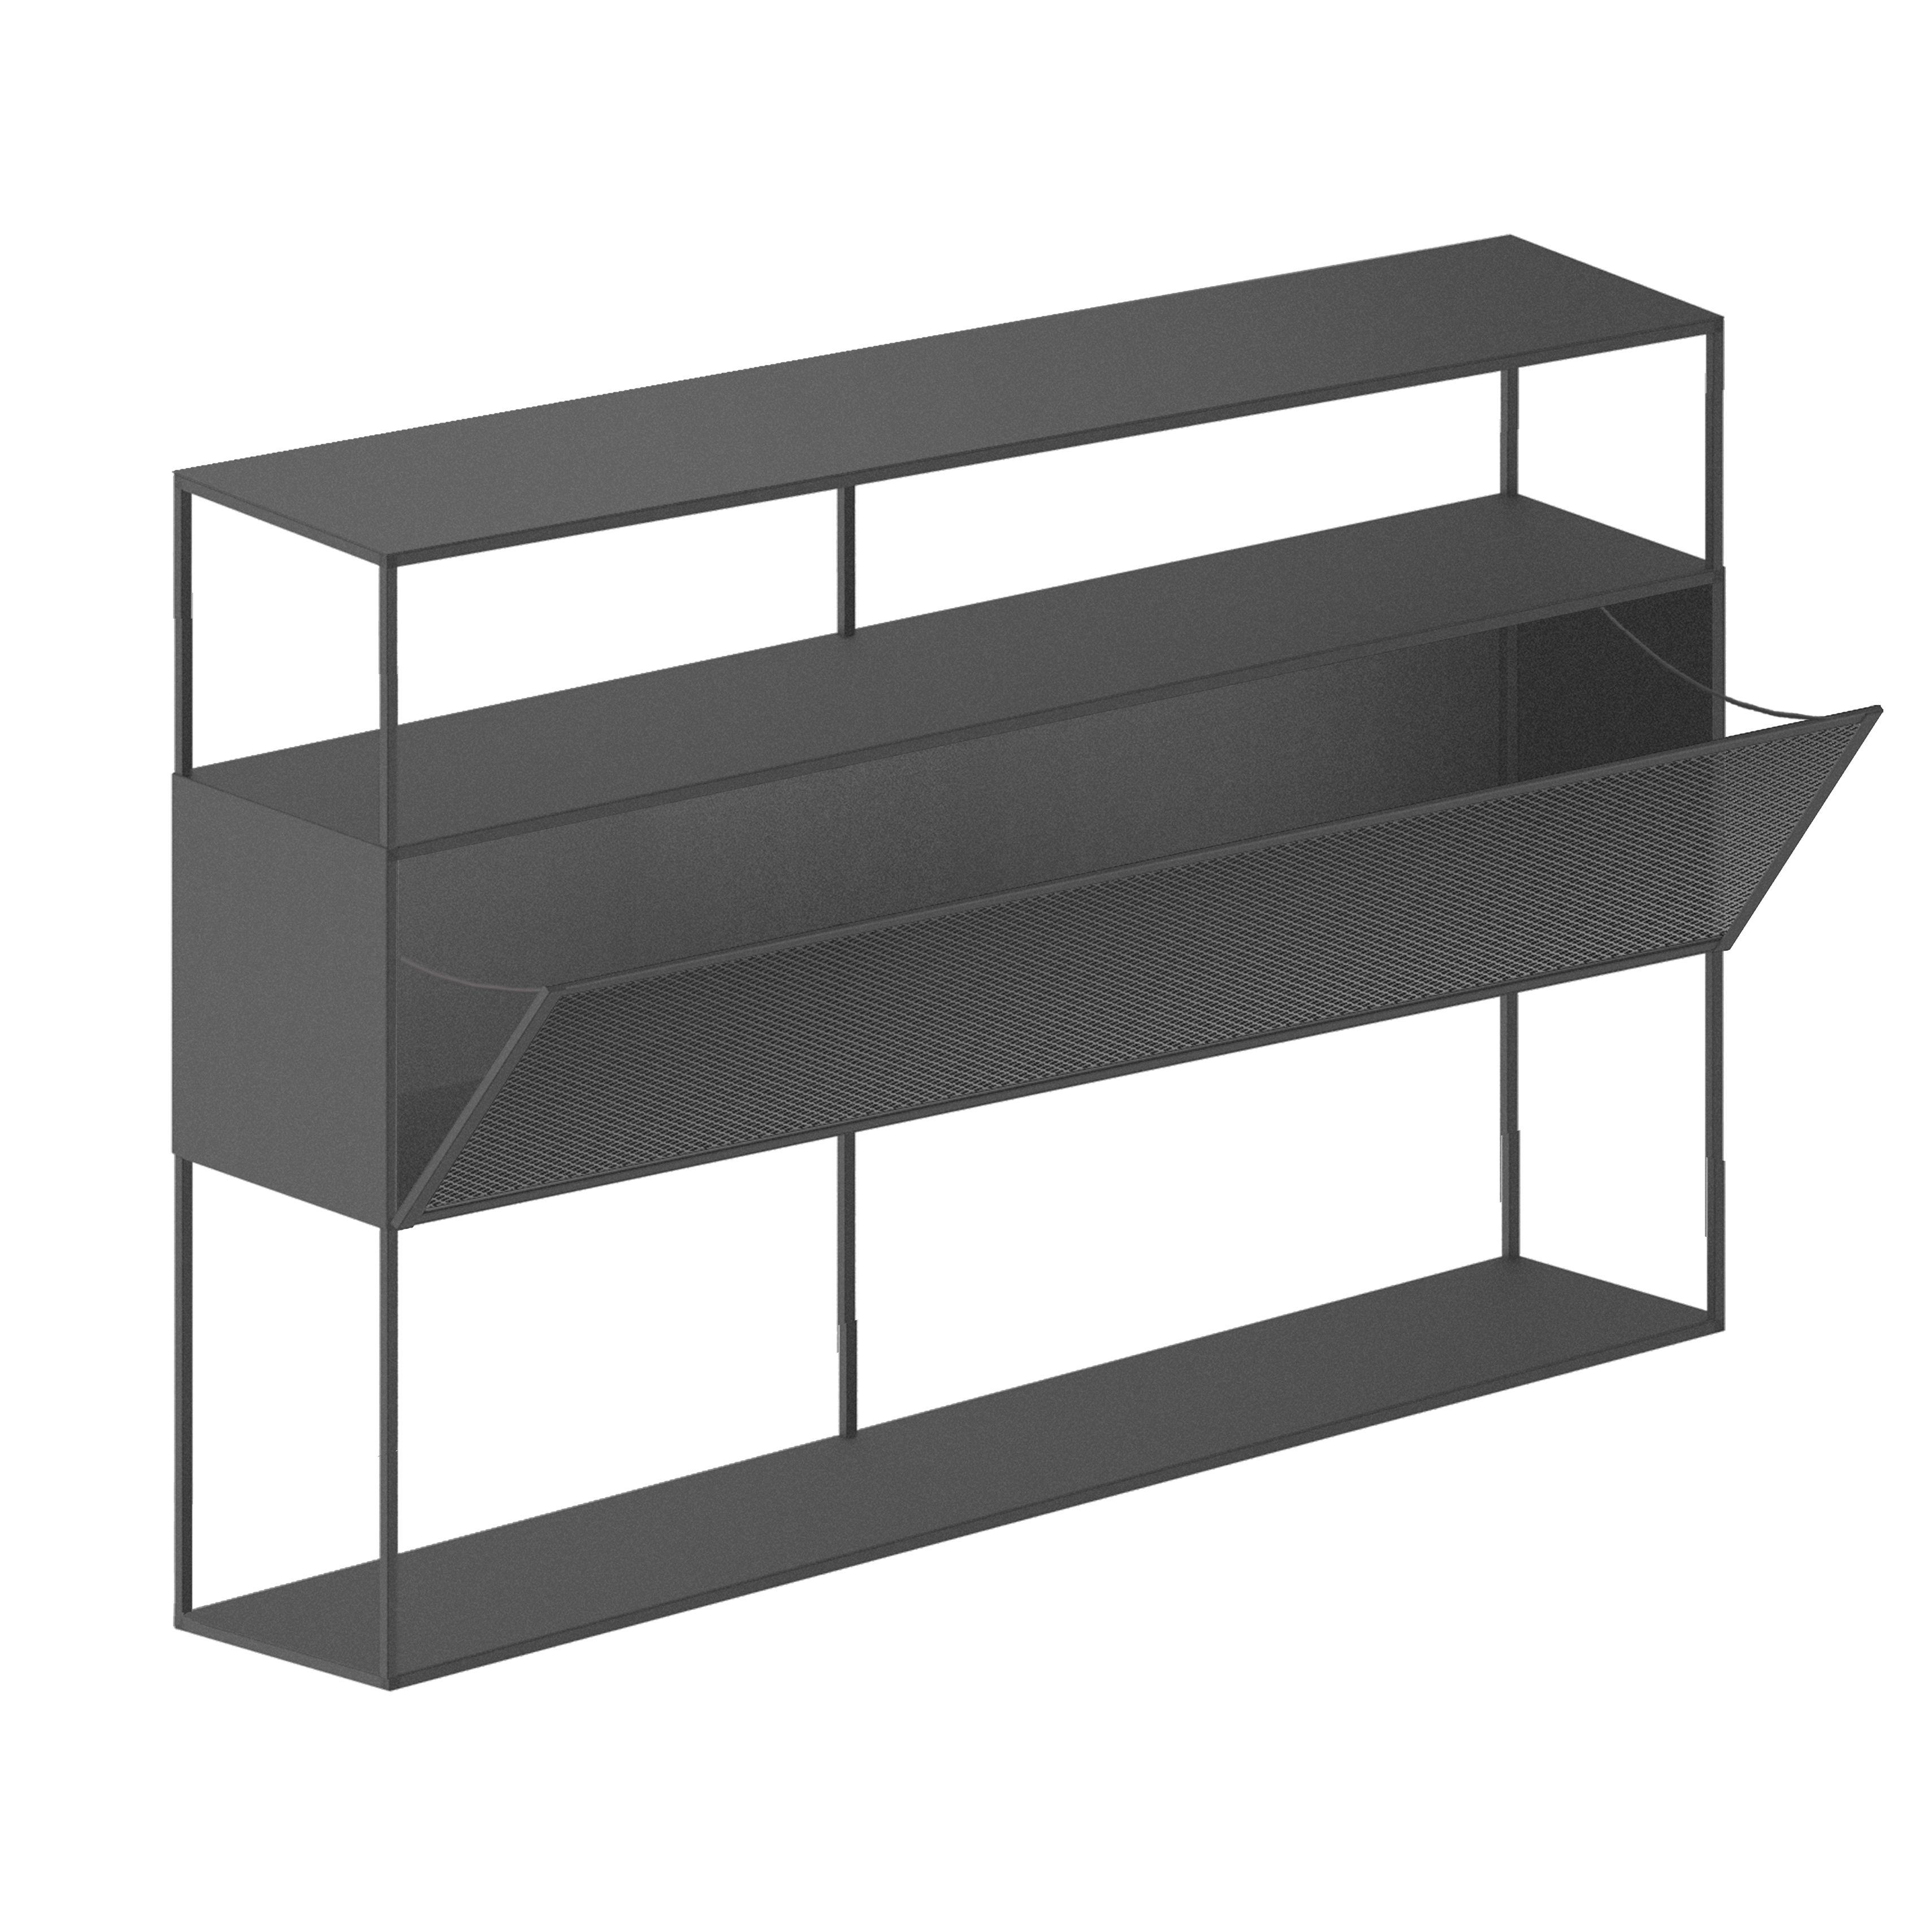 Möbel - Leuchtmöbel - Tristano Anrichte / Mit LED-Beleuchtung - L 150 x H 103 cm - Zeus - Glimmer-grau - Stahl